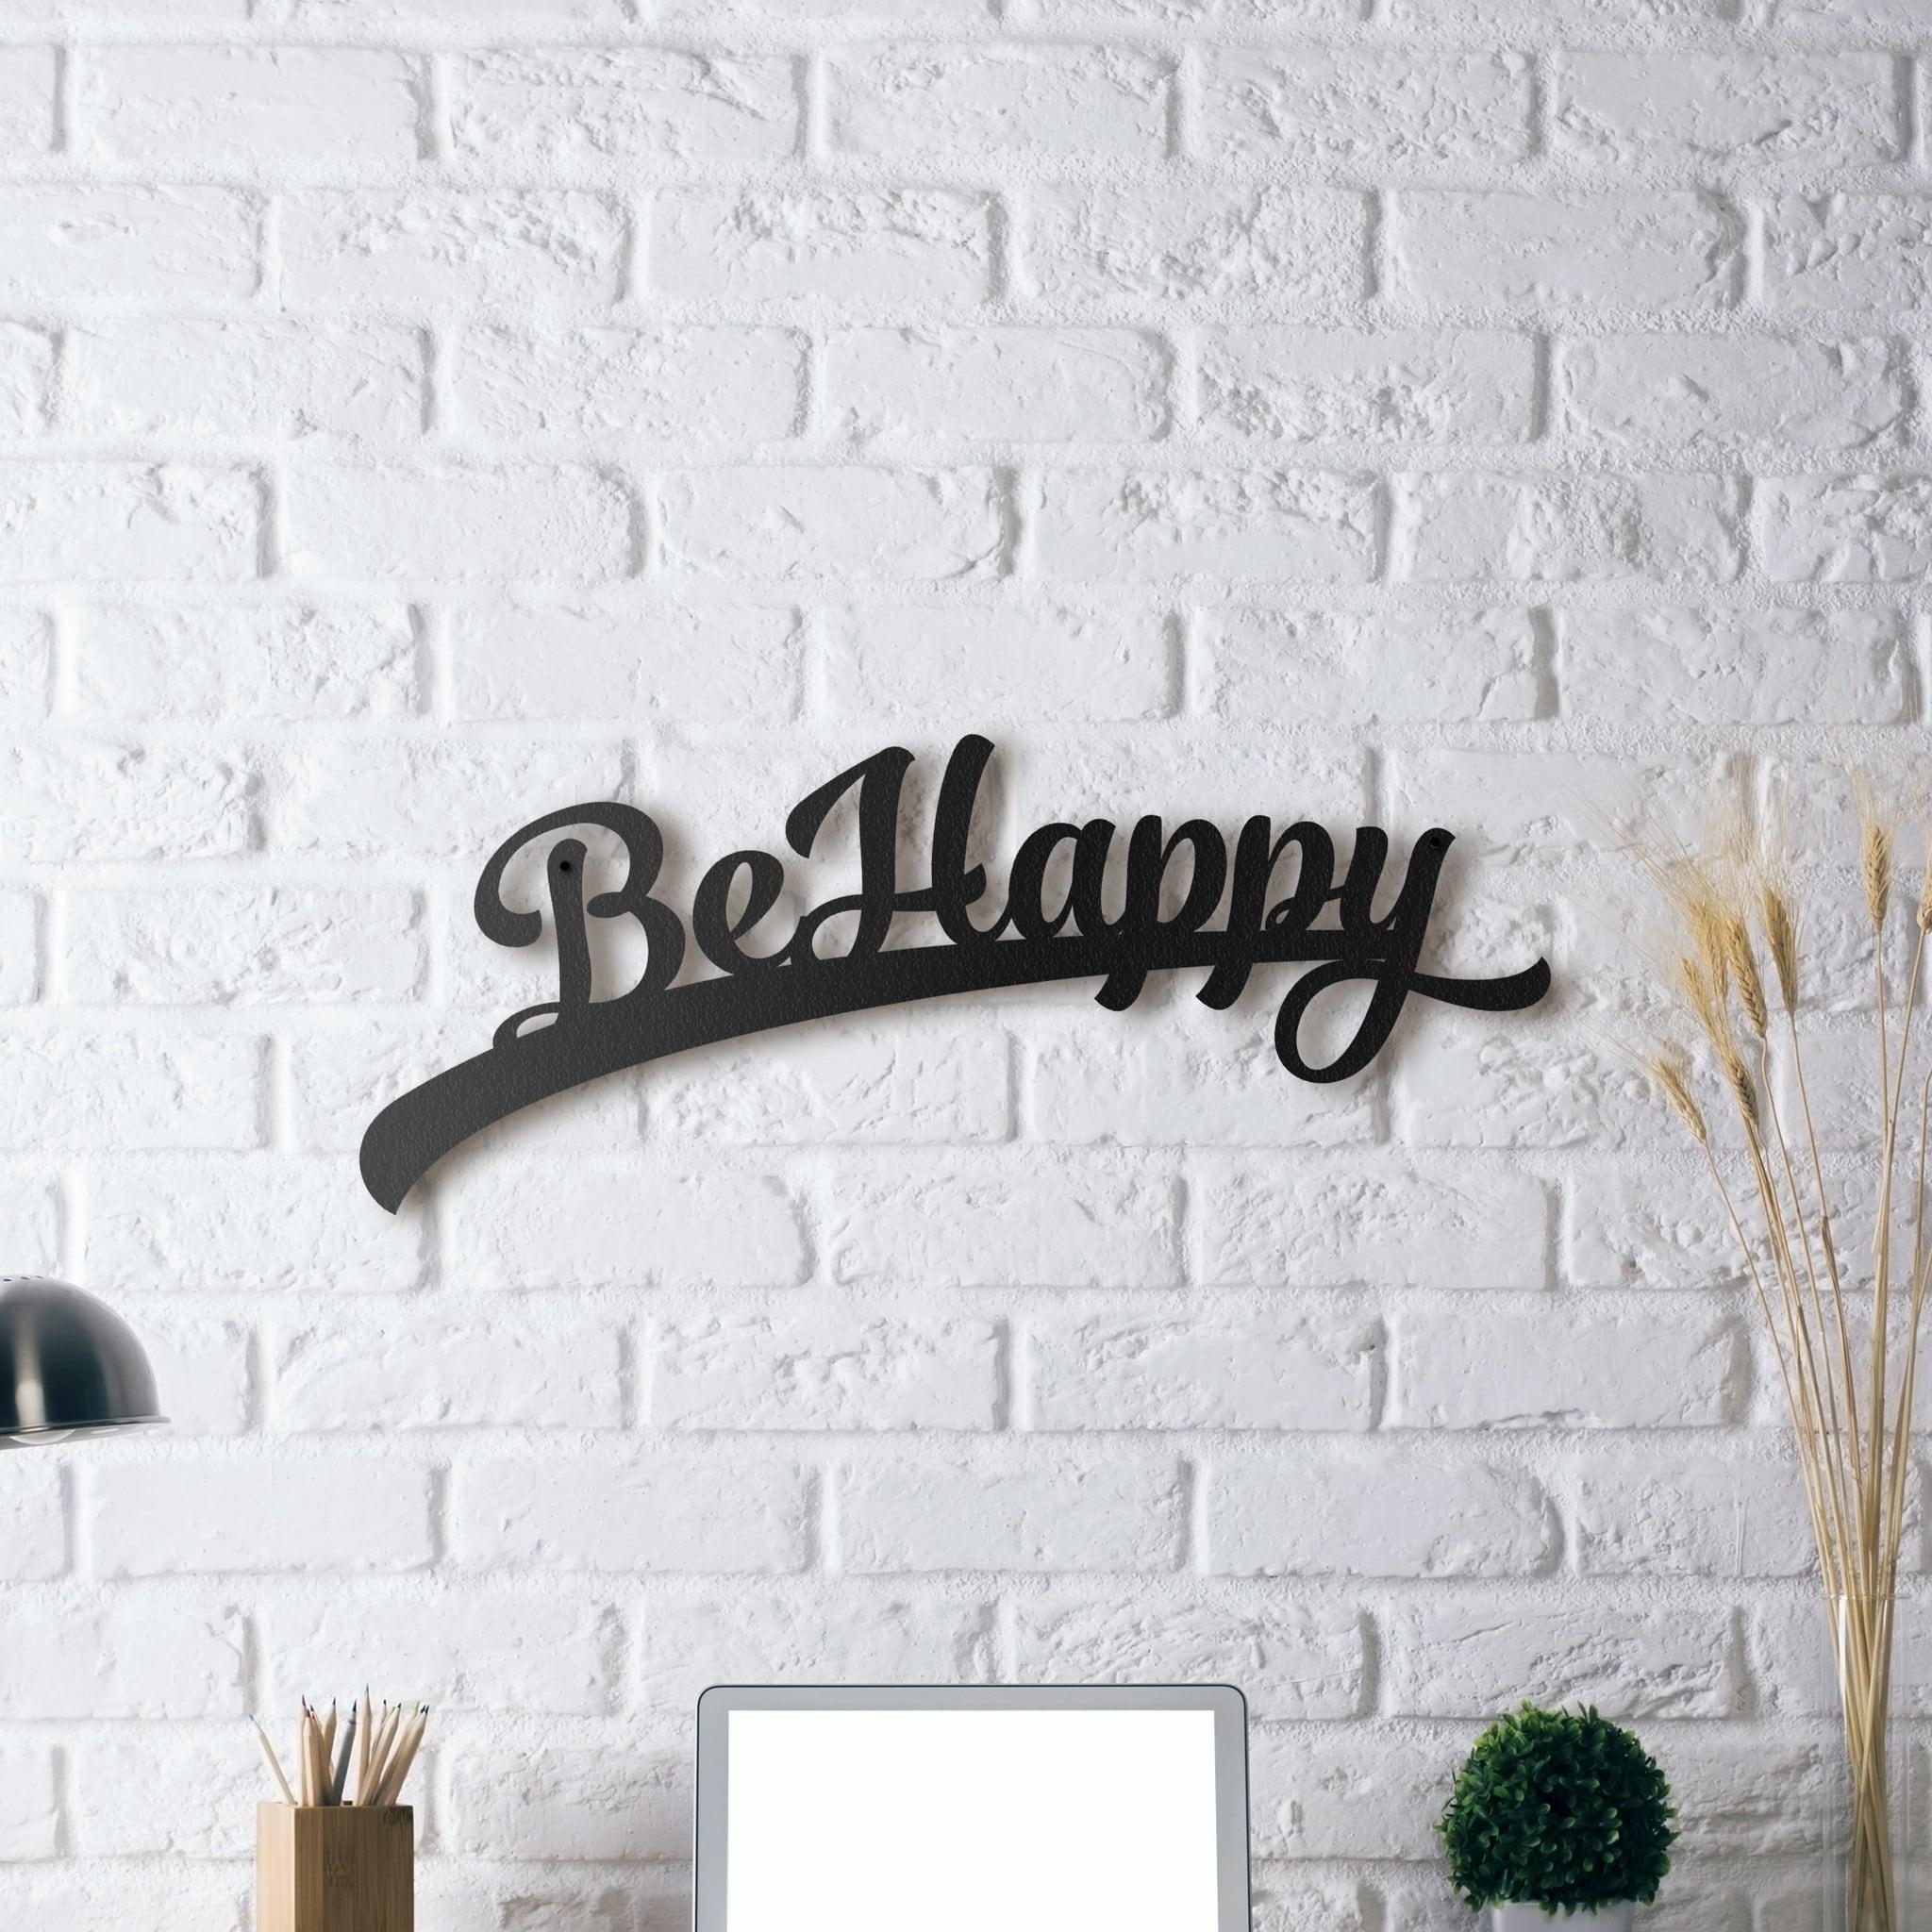 Décoration murale métal de la citation be happy pour instaurer une touche joyeuse dans votre intérieur